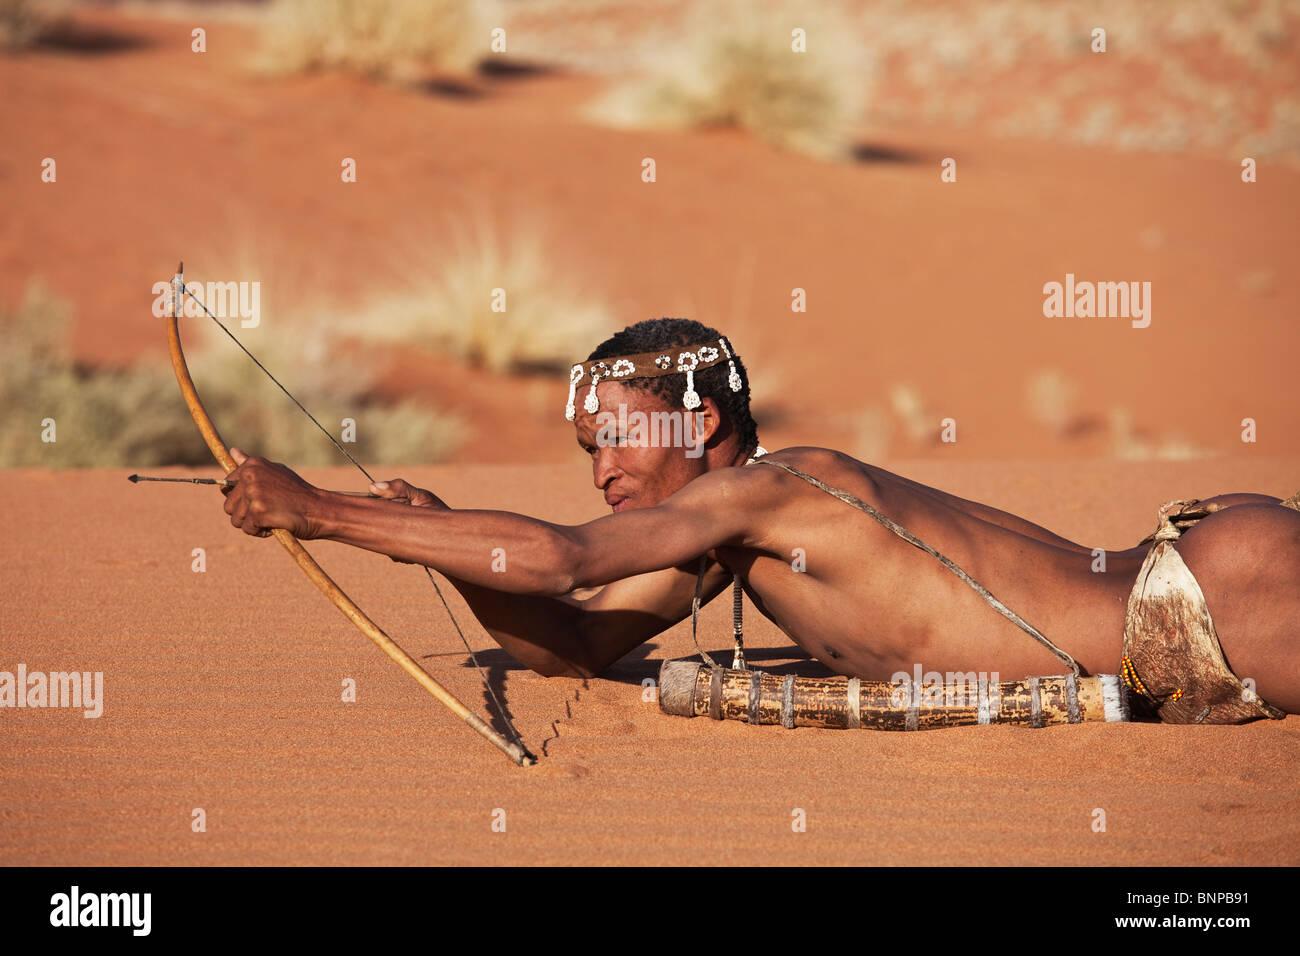 Buschmann/San Menschen. Männliche San-Jäger mit traditionellen Pfeil und Bogen bewaffnet. Stockbild